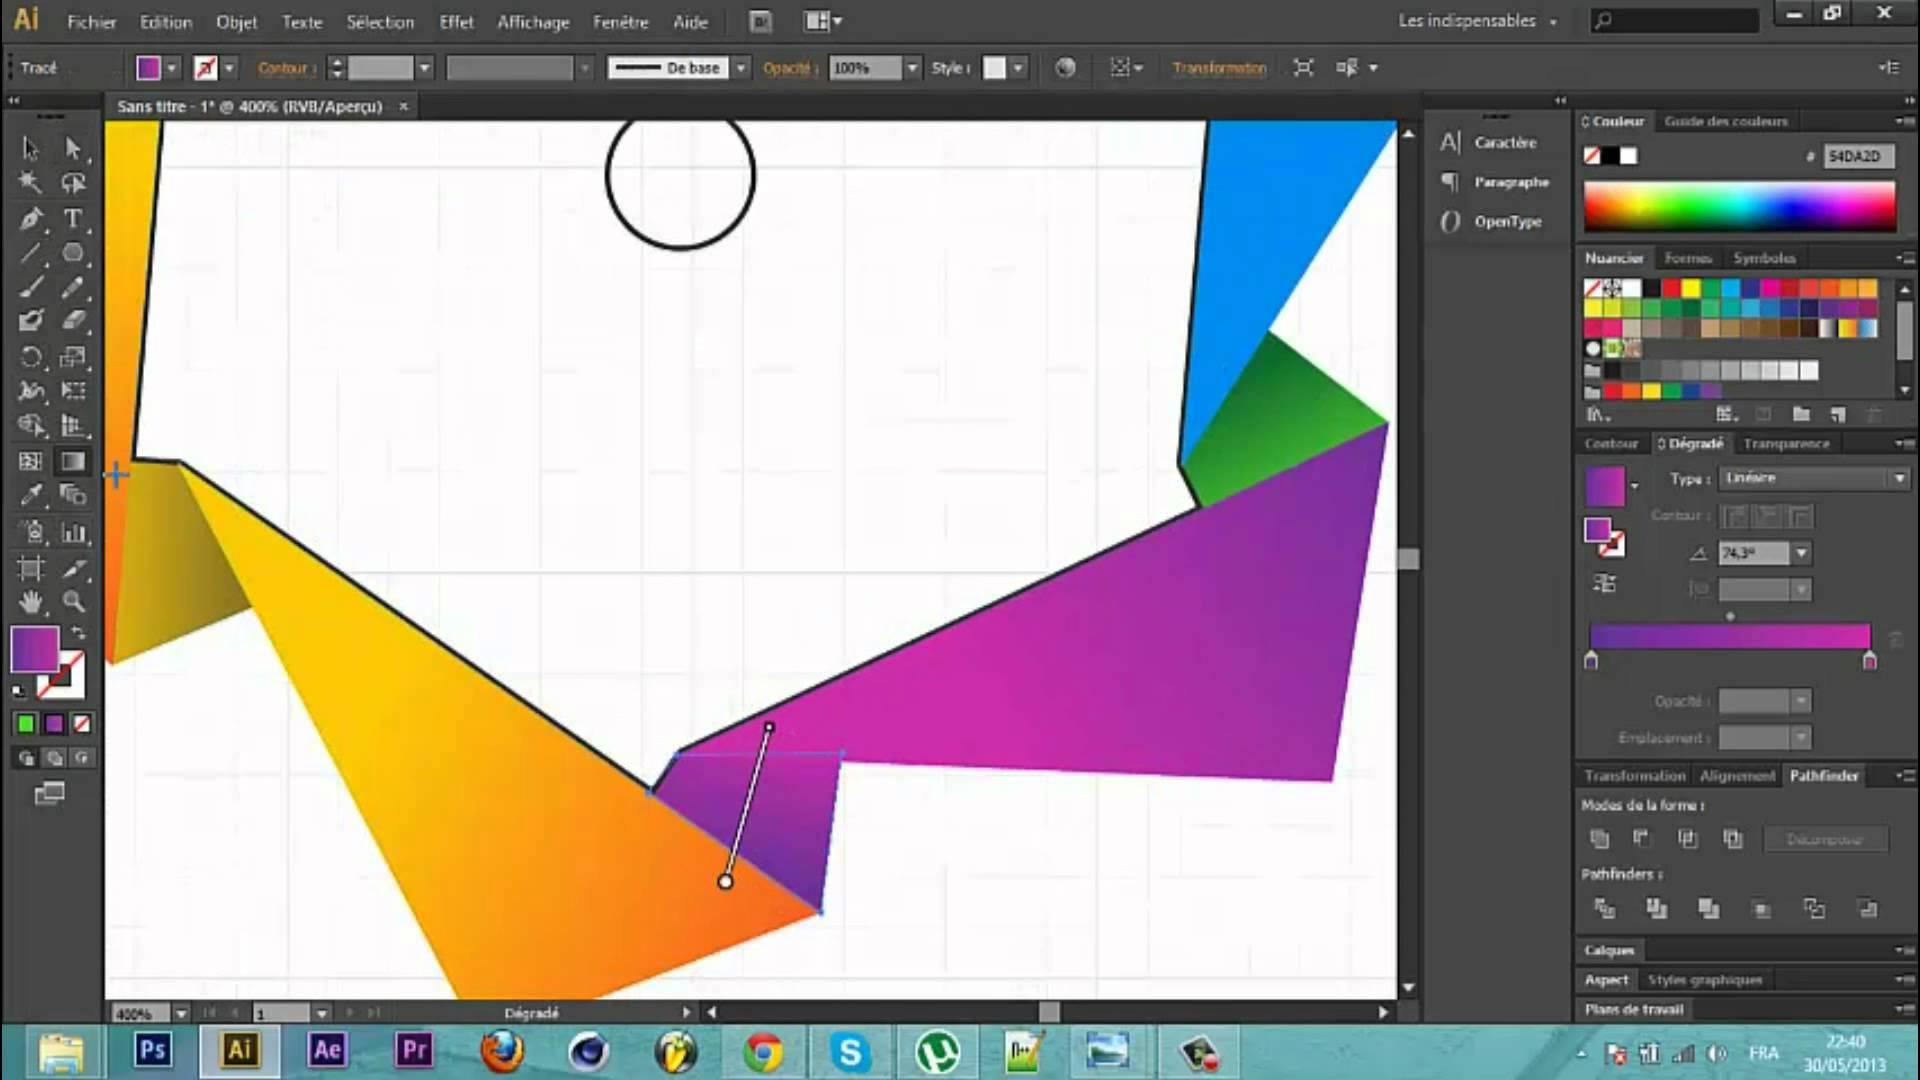 adobe illustrator cs6 tutorials logos rh logolynx com adobe illustrator cs6 tutorials for beginners adobe illustrator cs6 manual